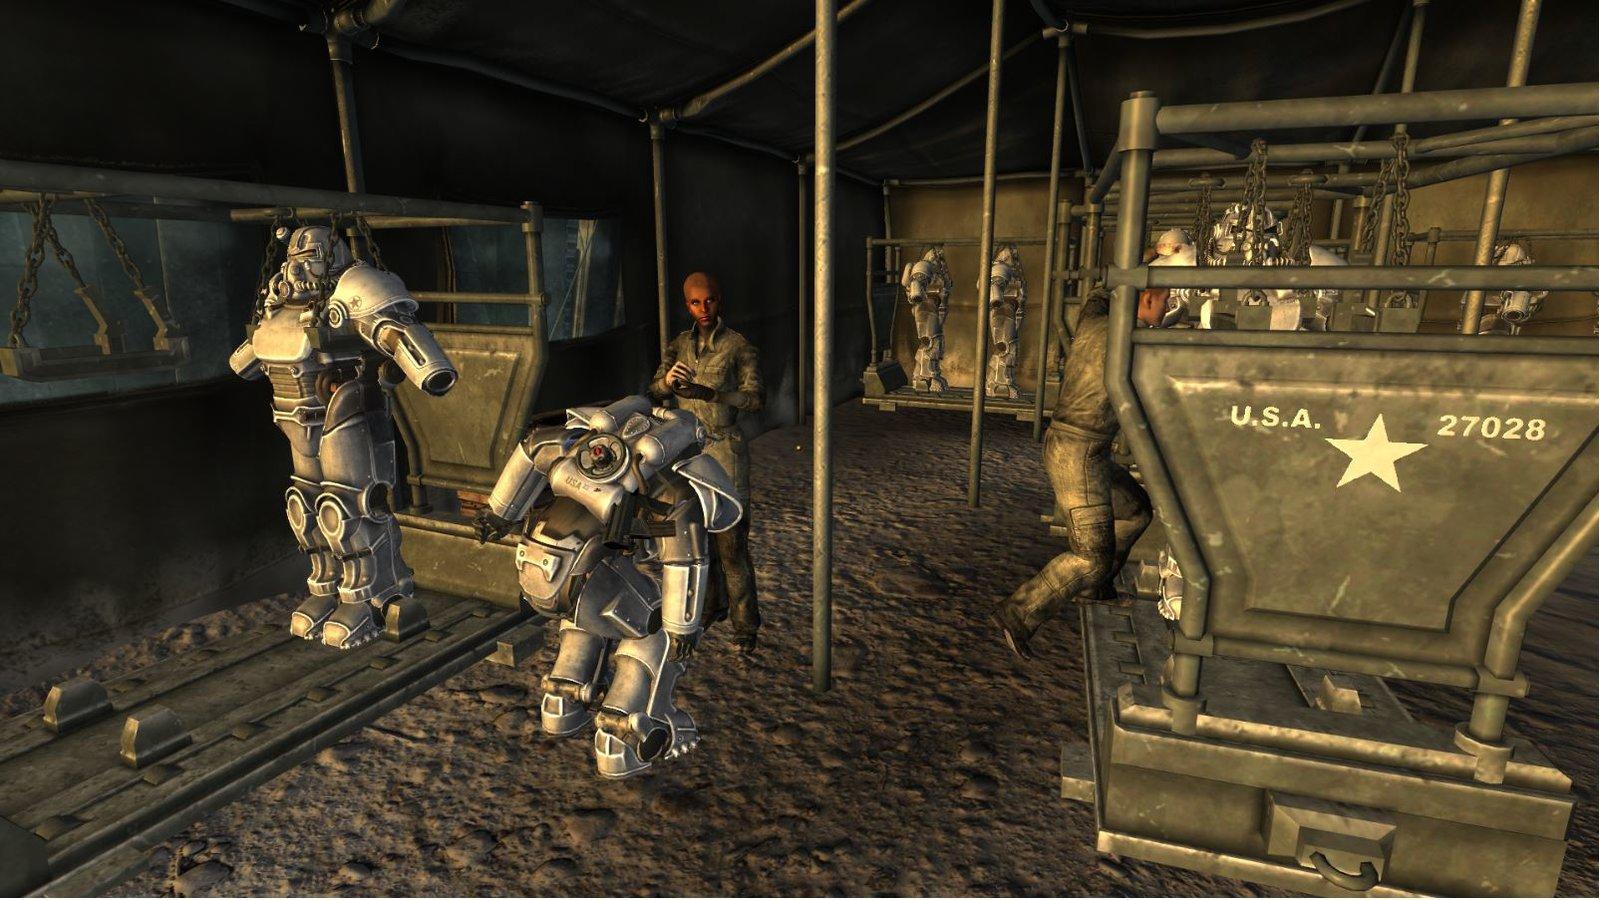 American Soldier in Winterezed T51Power armor